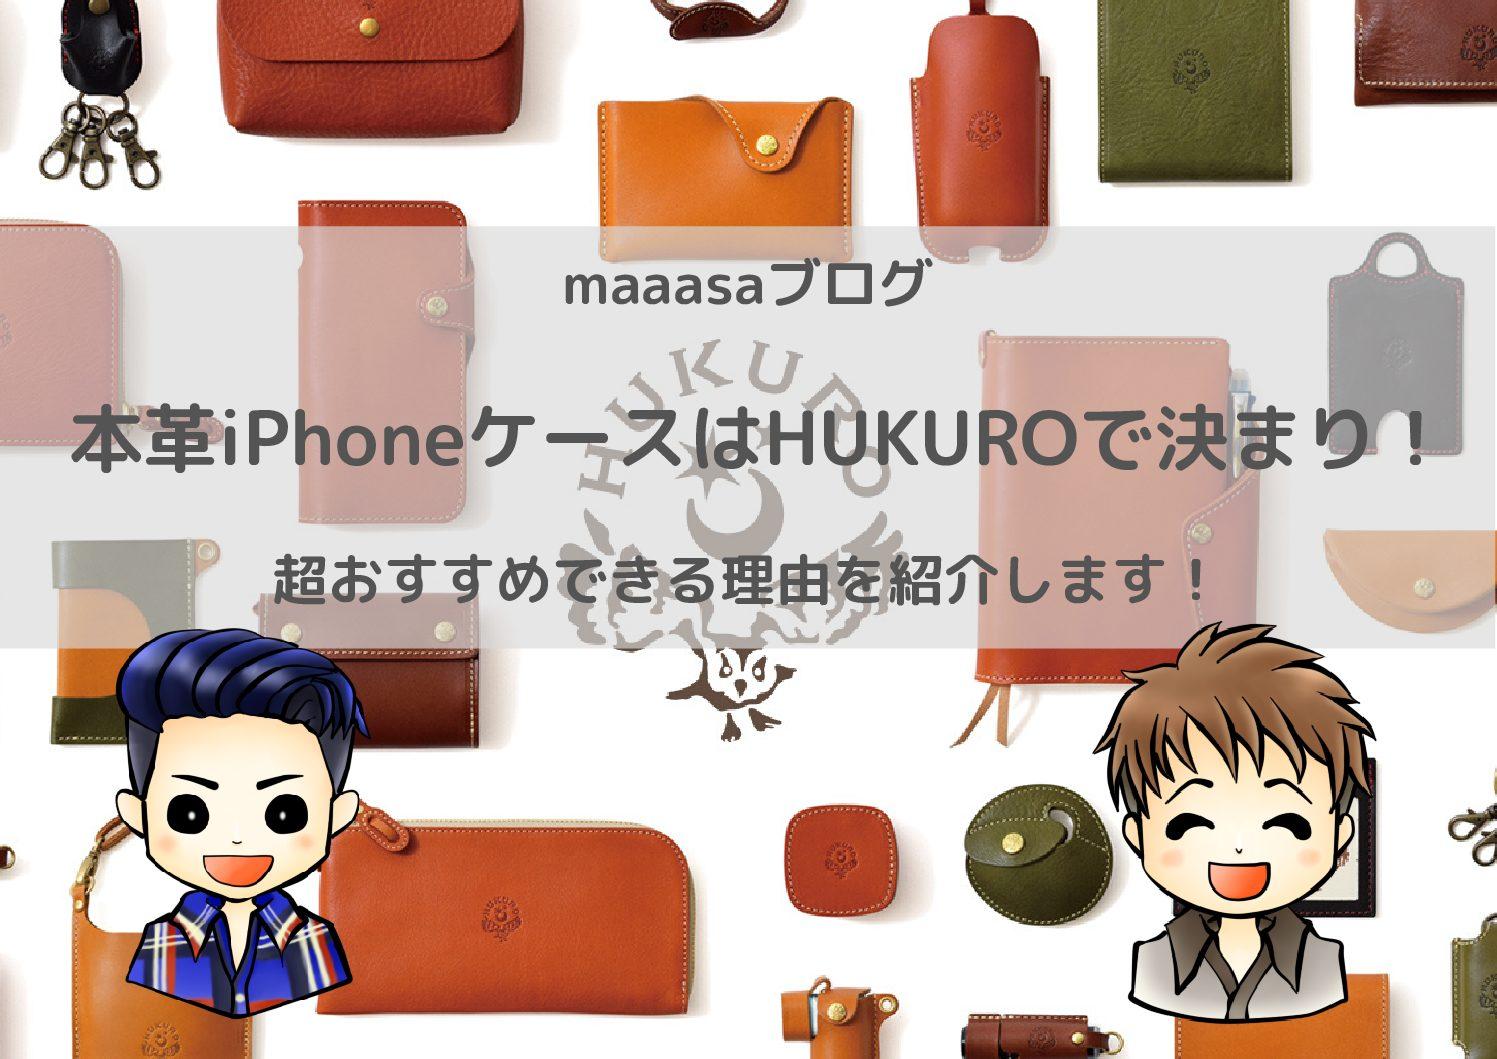 本革のiPhoneケースはHUKUROが最高!超おすすめできる理由を紹介します!